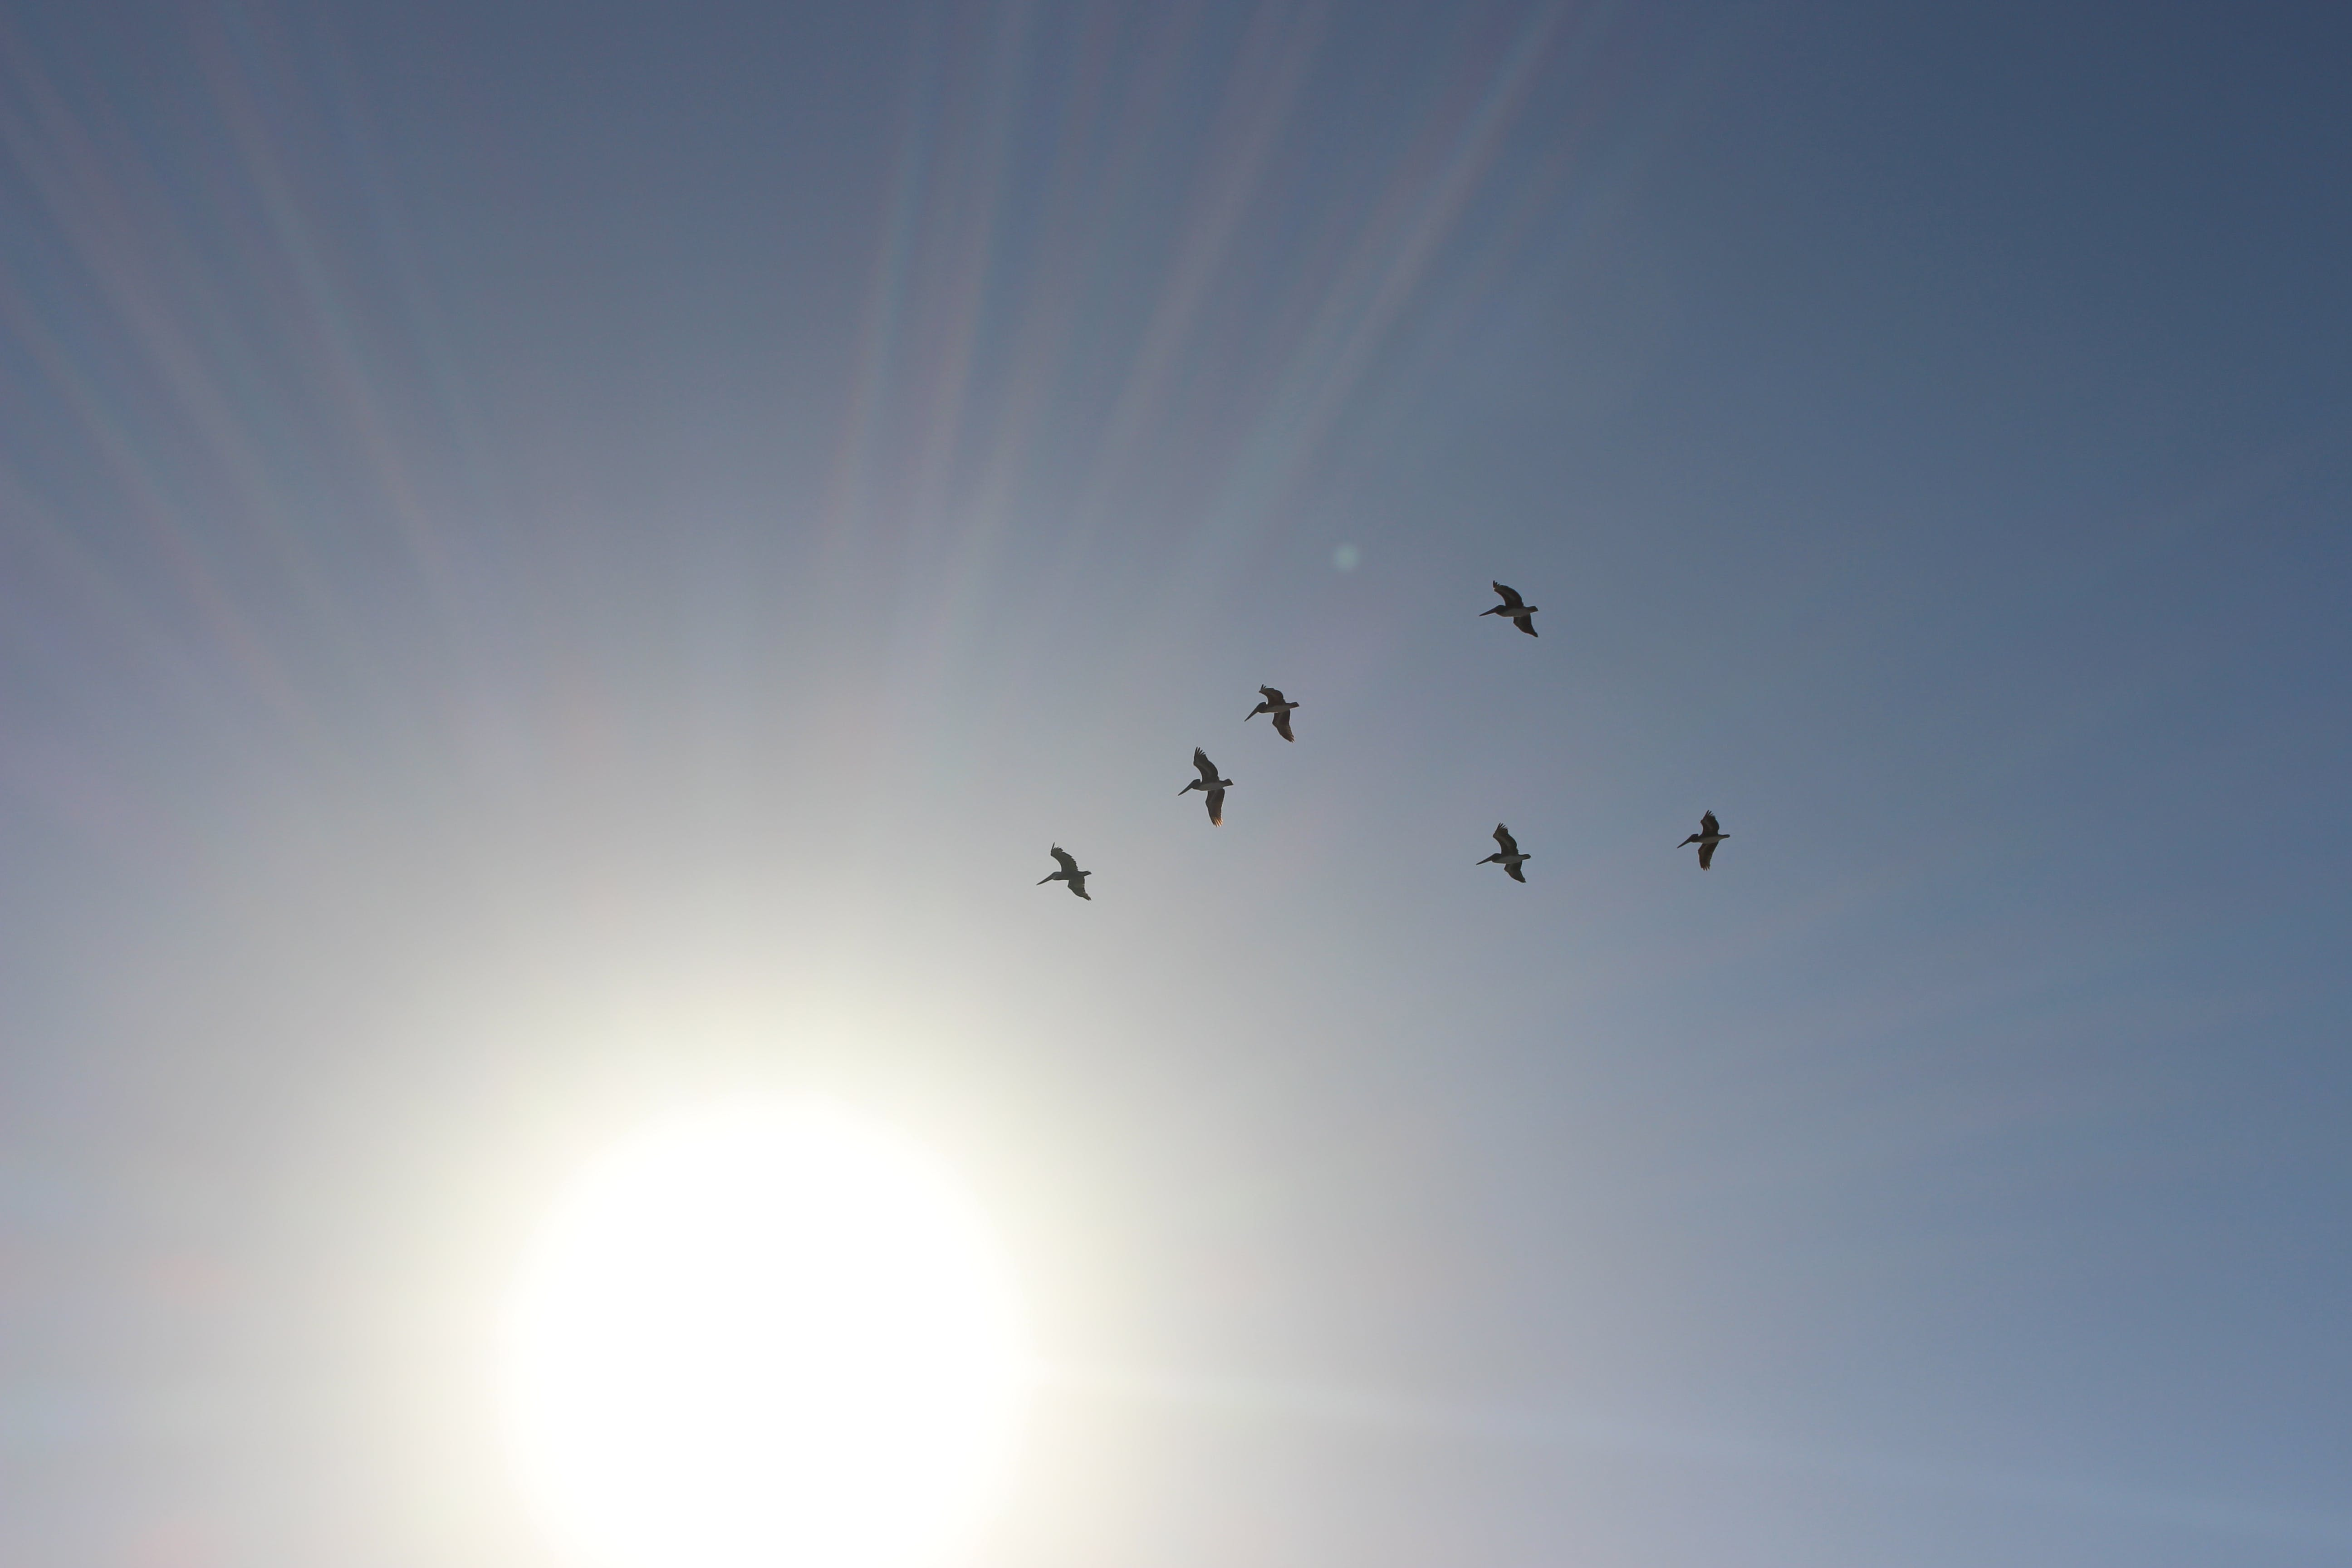 Δωρεάν στοκ φωτογραφιών με ζώα, ήλιος, κοπάδι, σμήνος πουλιών